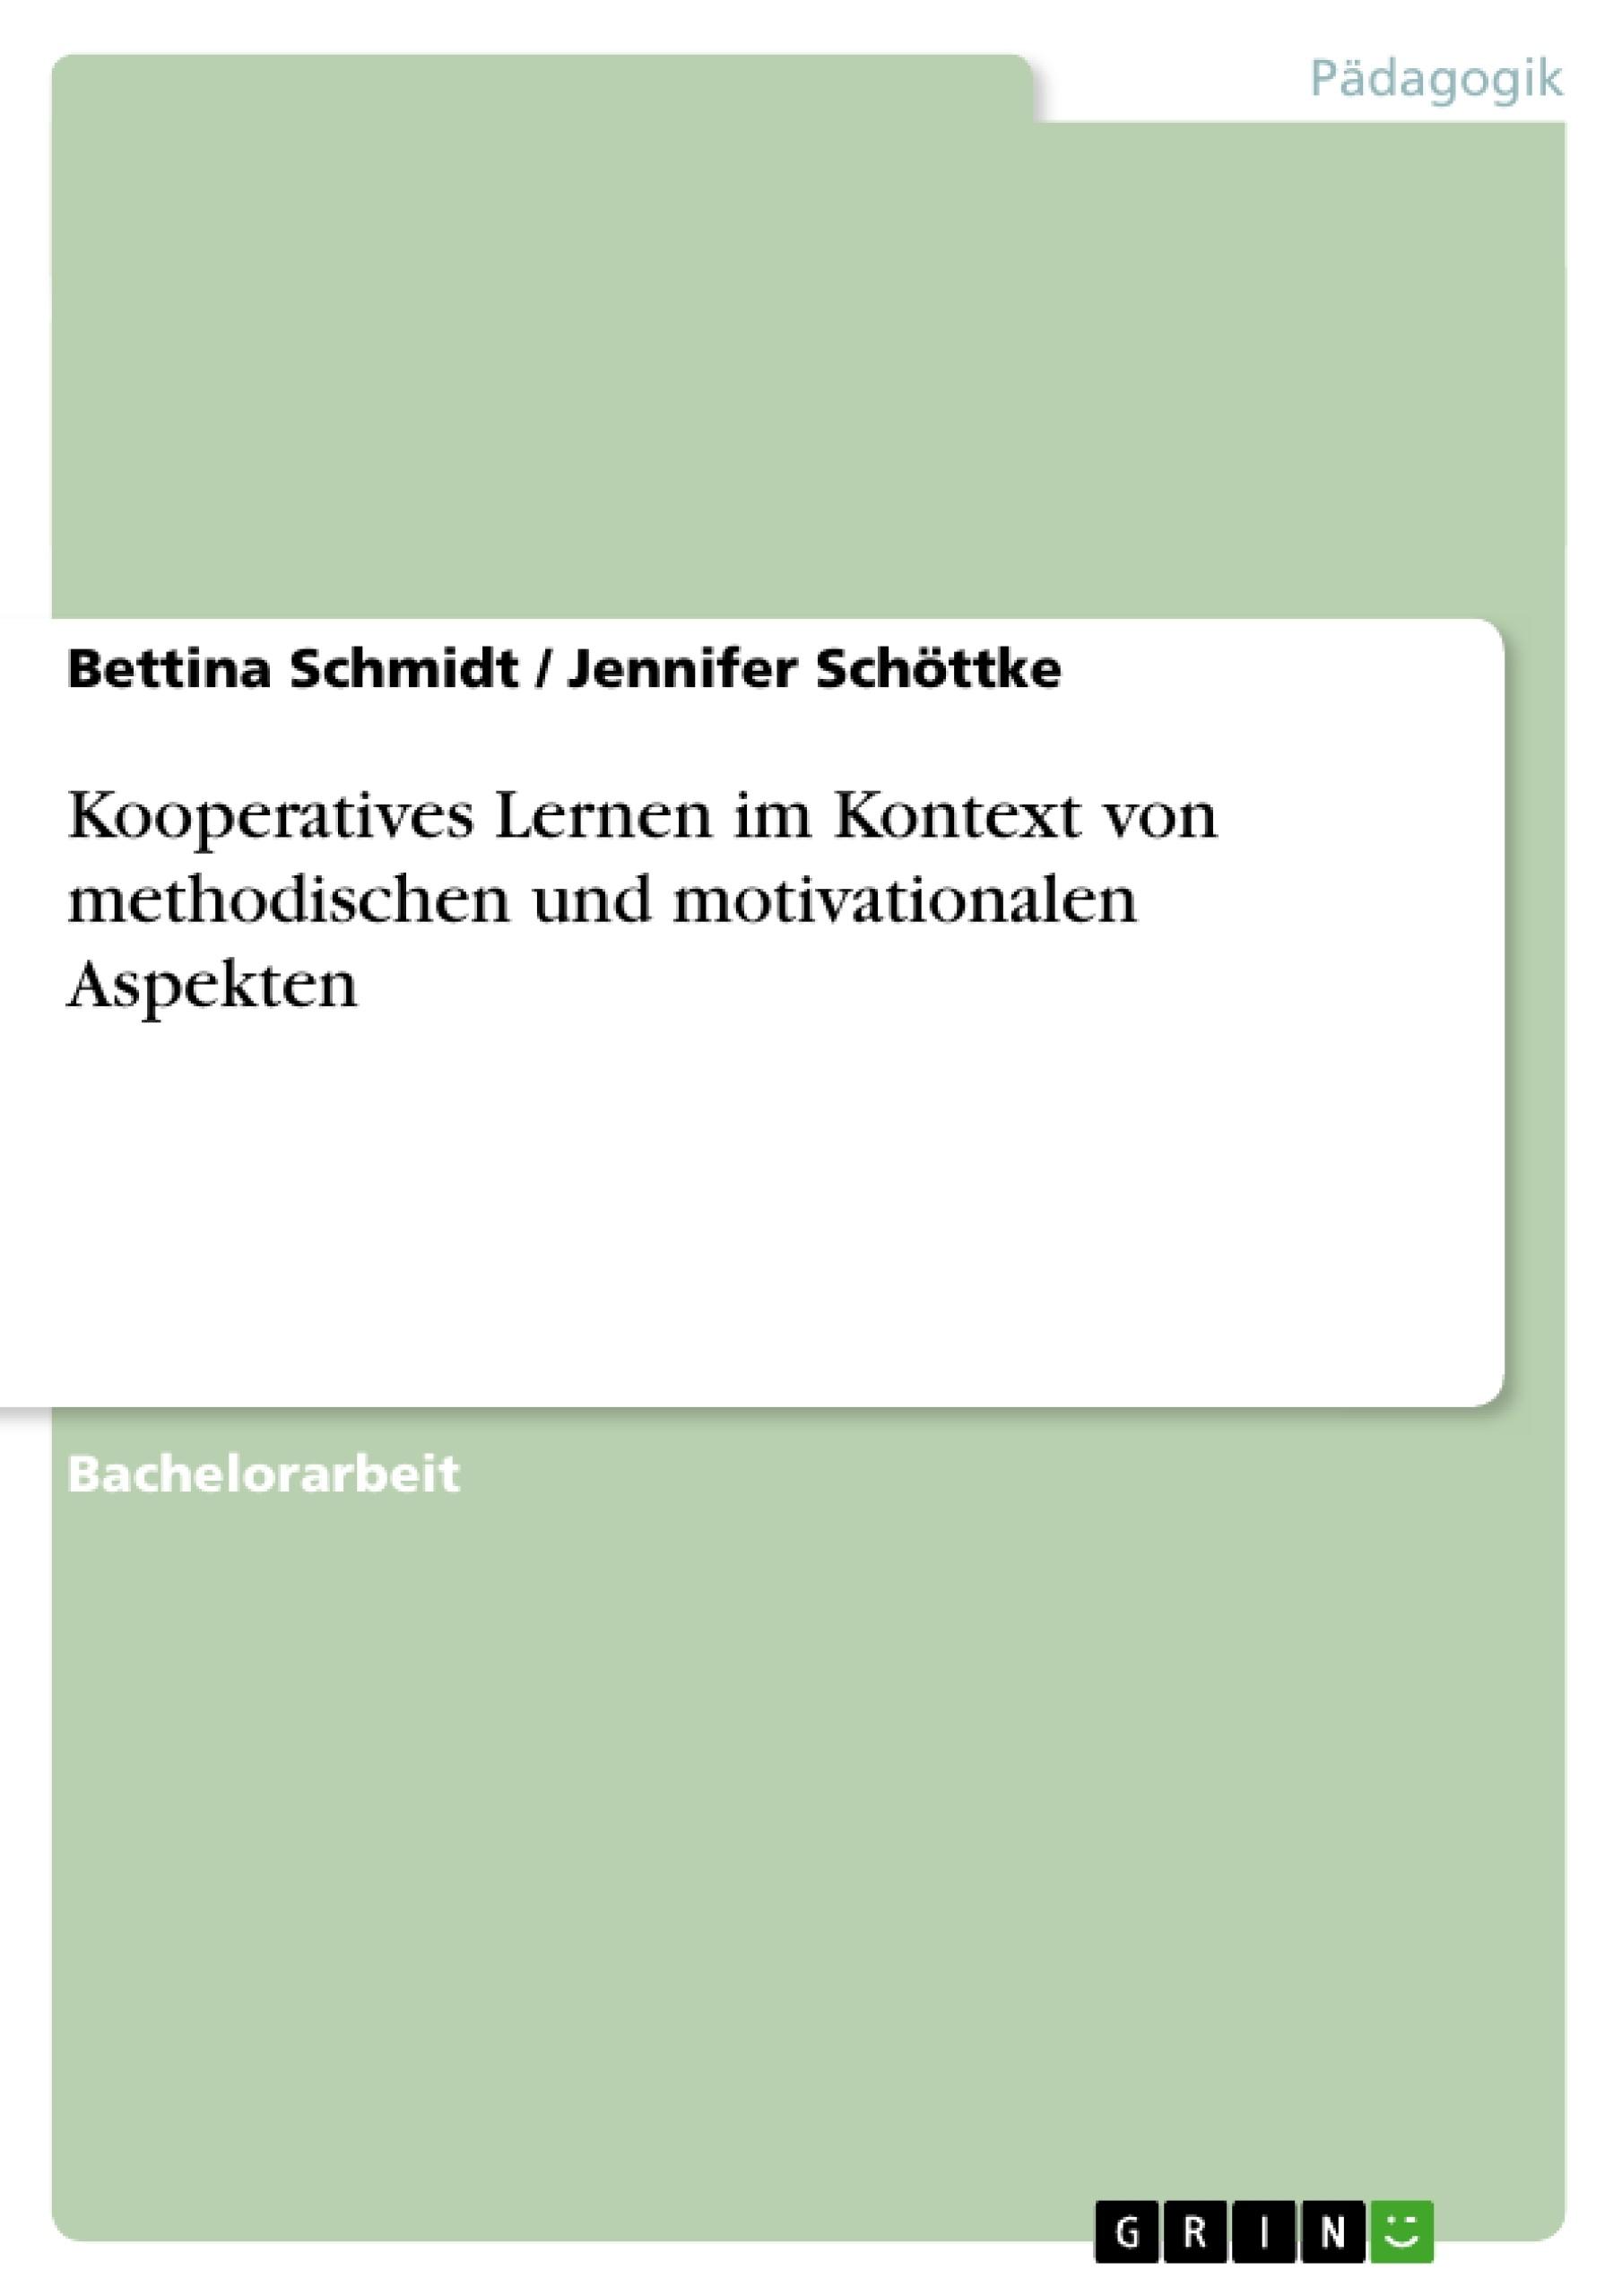 Titel: Kooperatives Lernen im Kontext von methodischen und motivationalen Aspekten